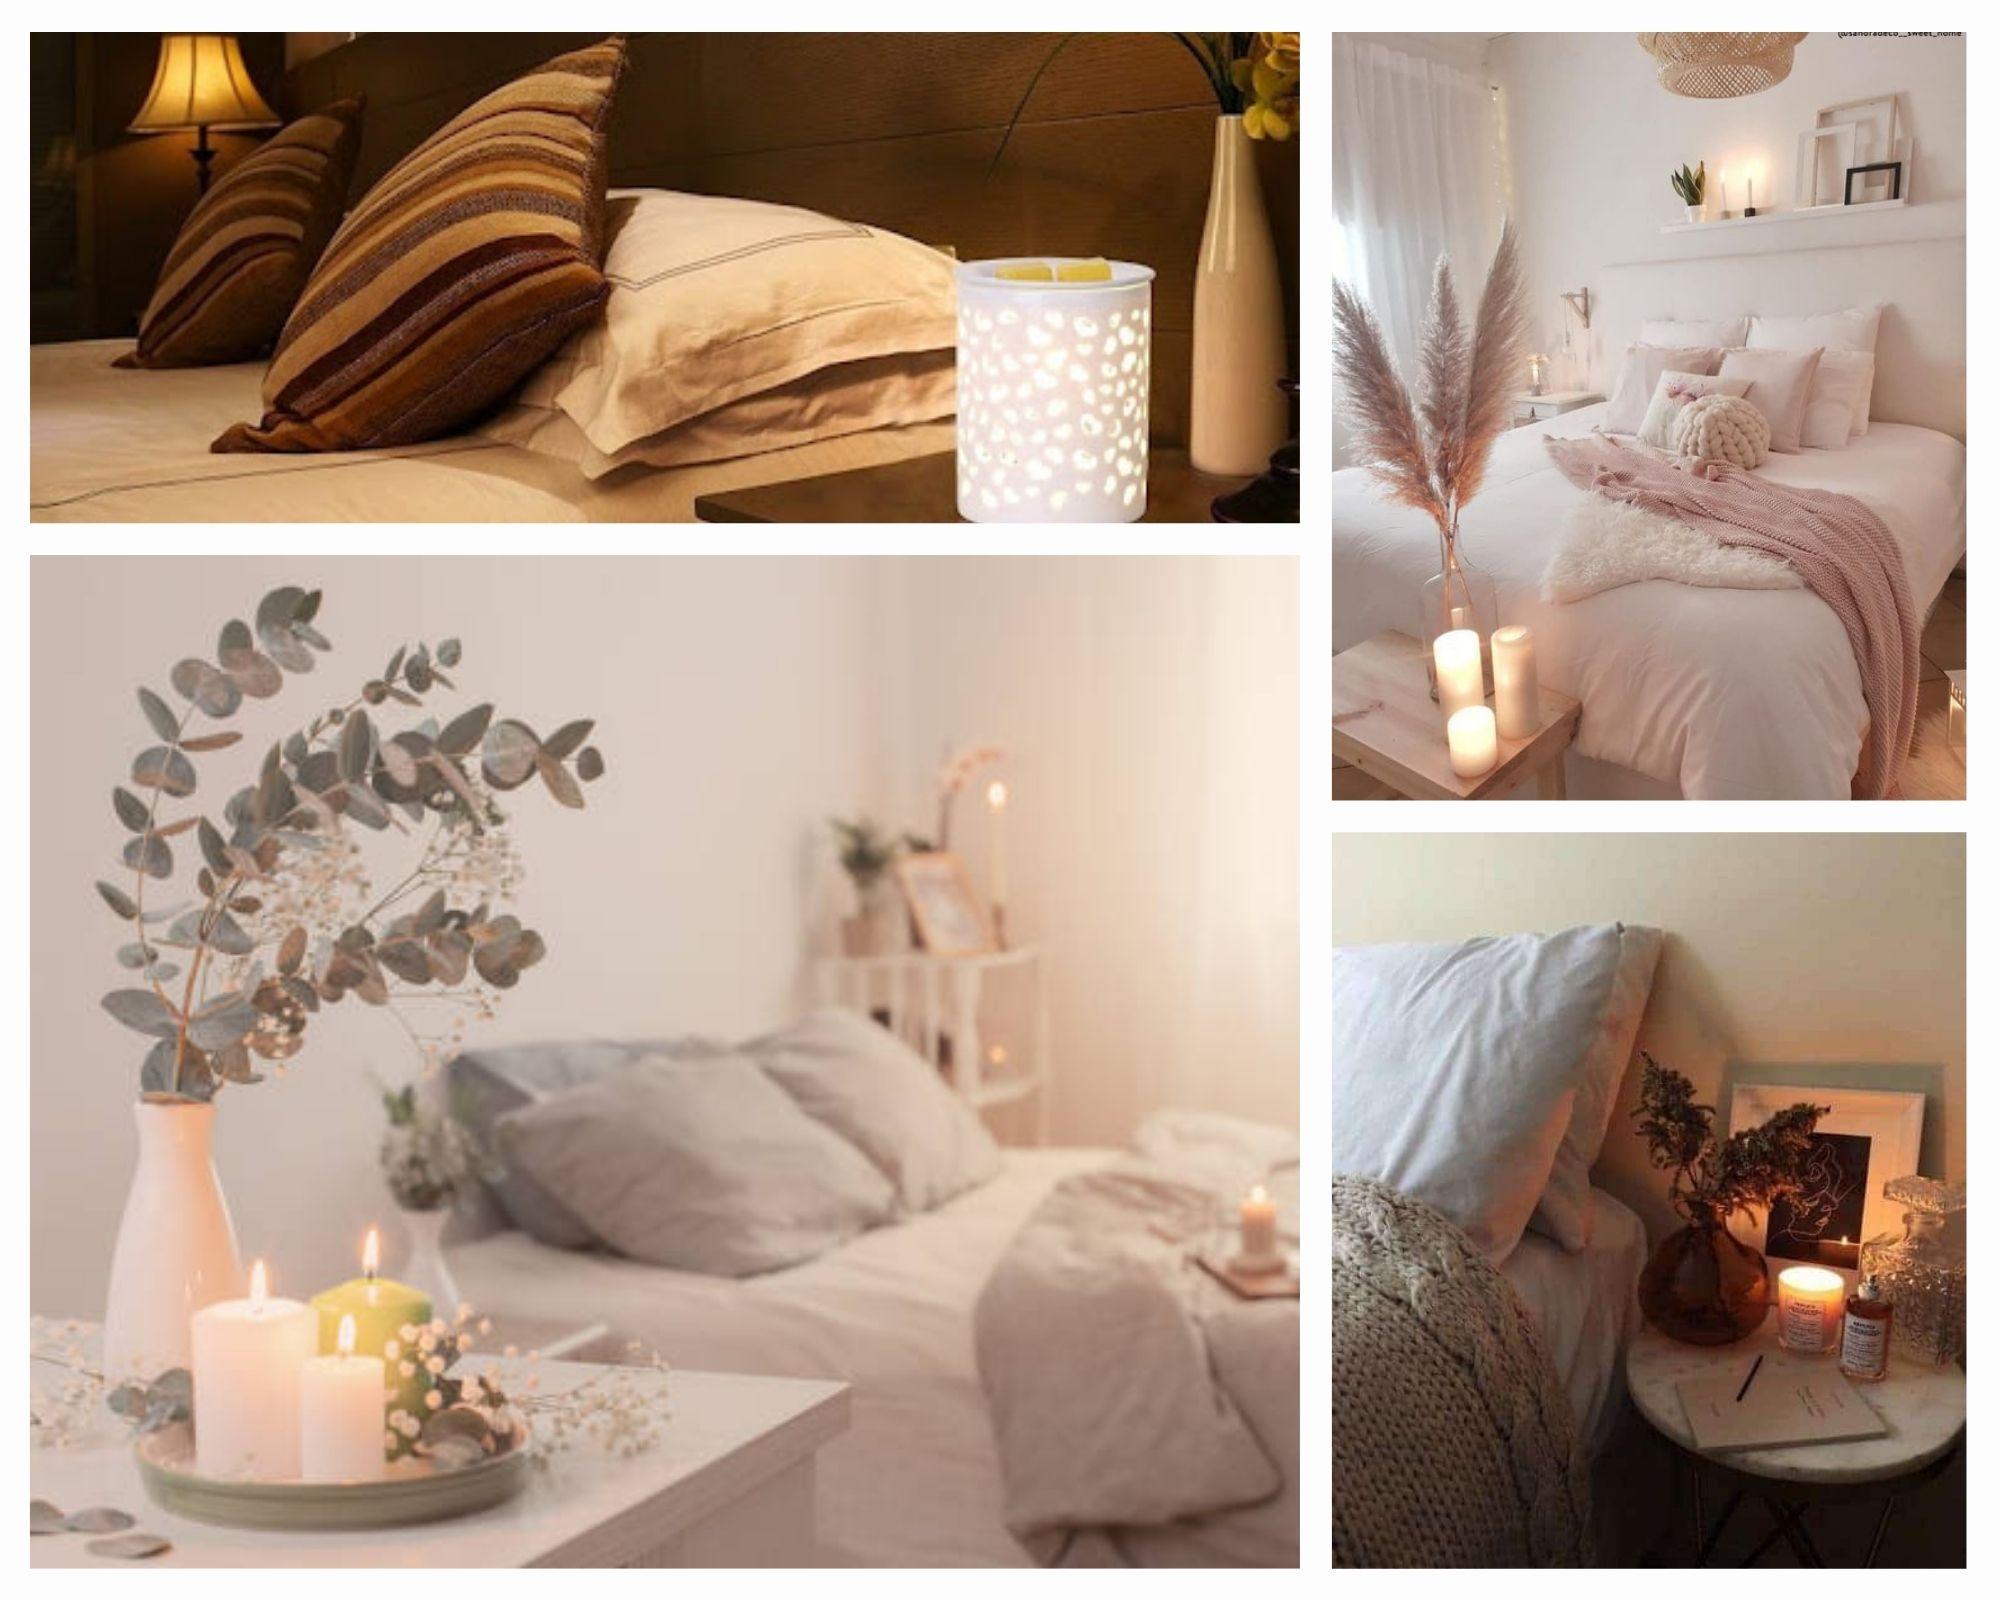 Nến thơm trang trí phòng ngủ